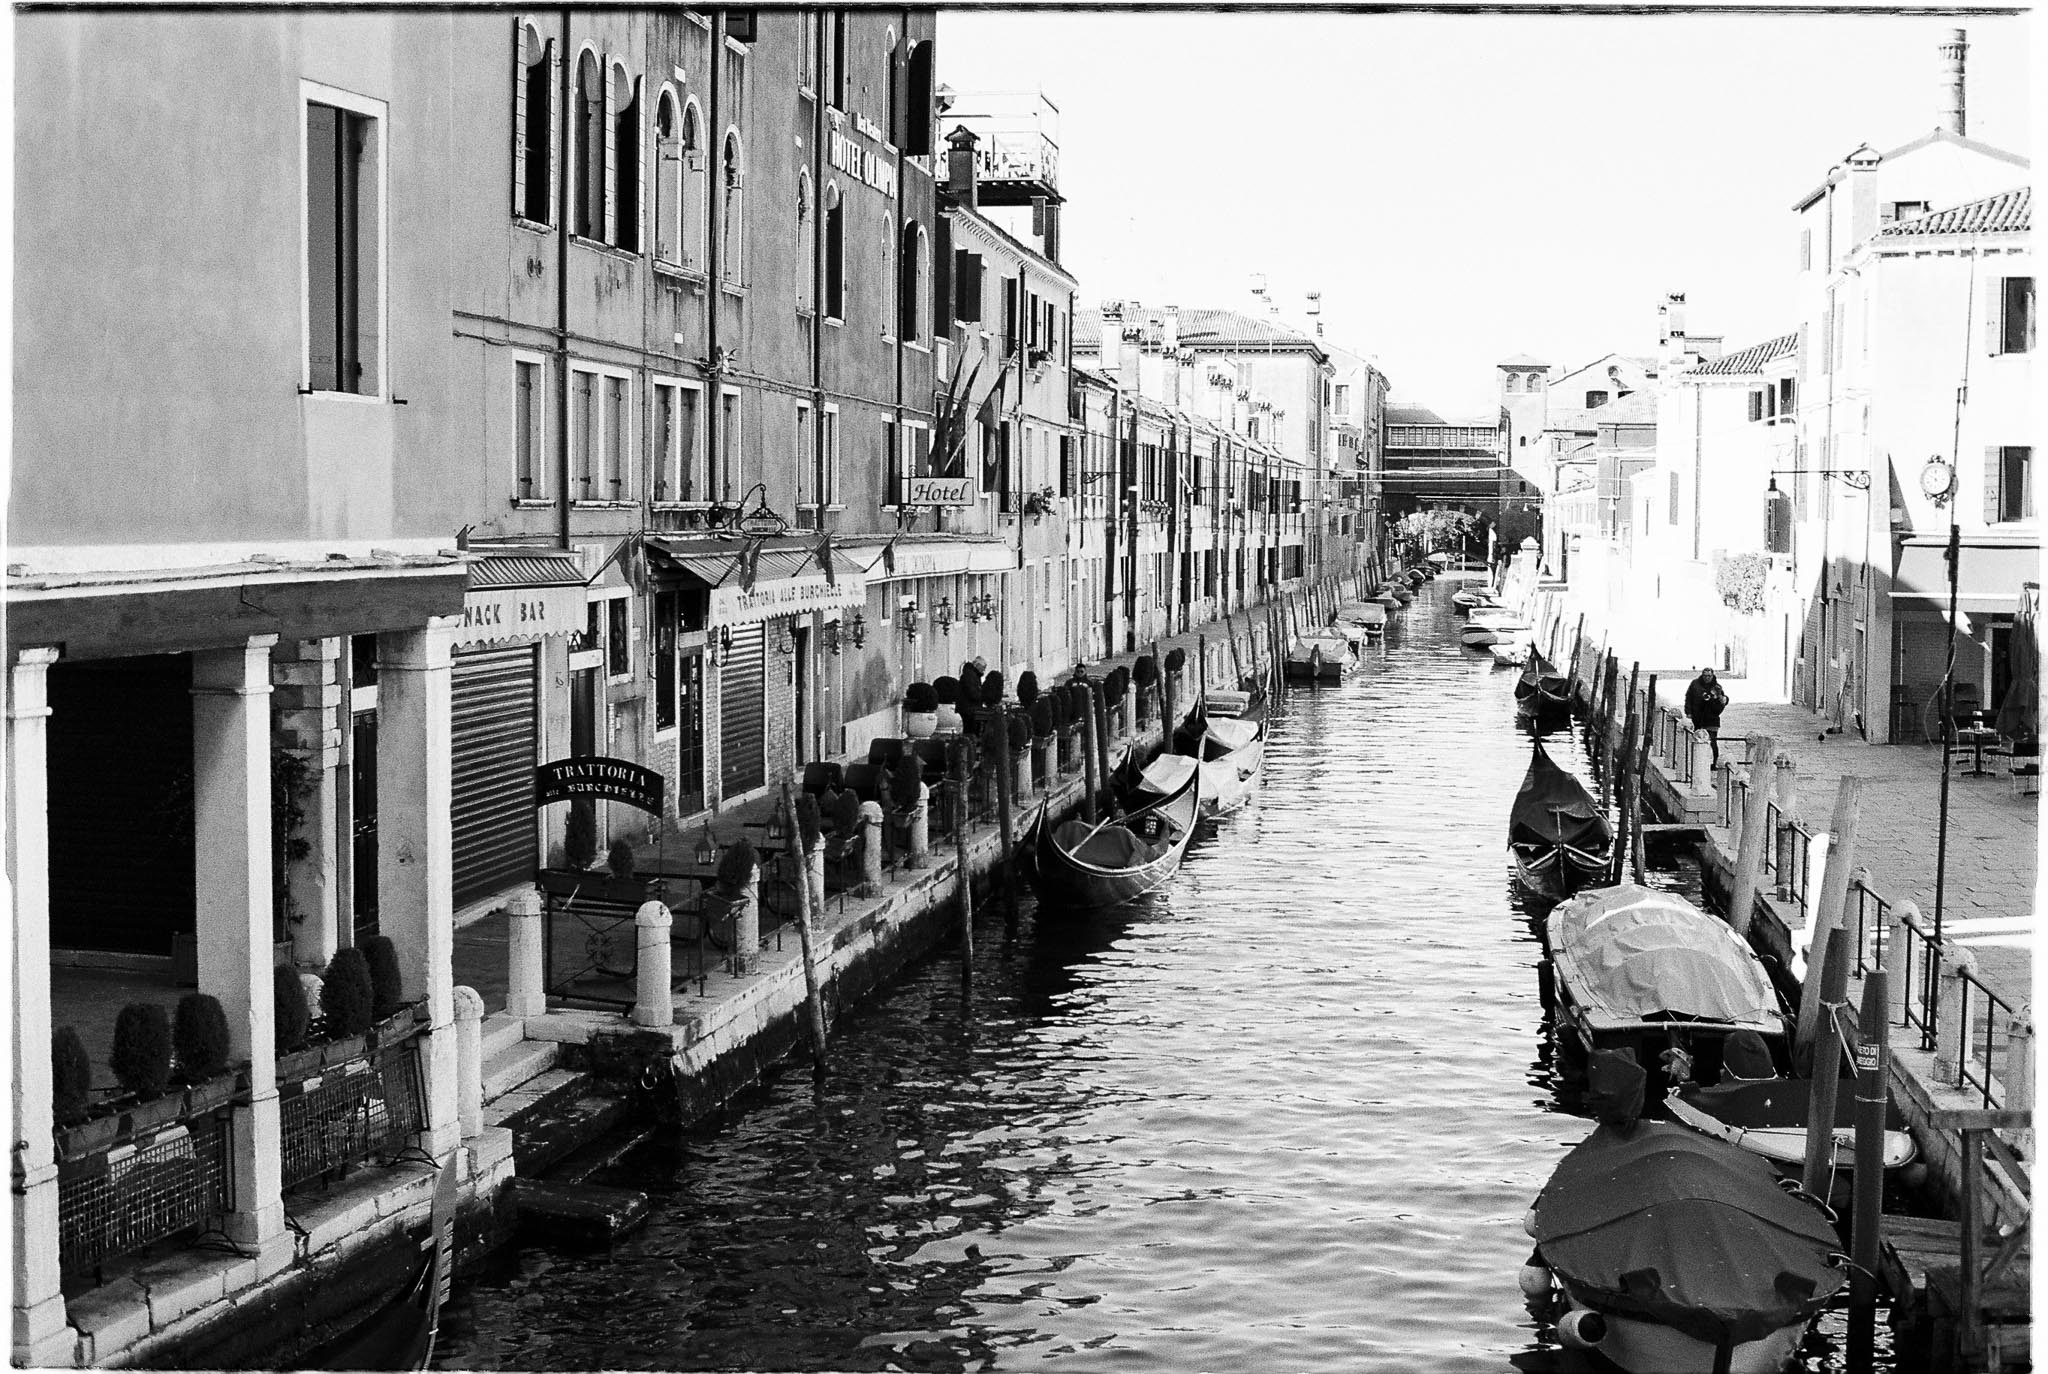 Agfa vista 100 expired film Venice Italy